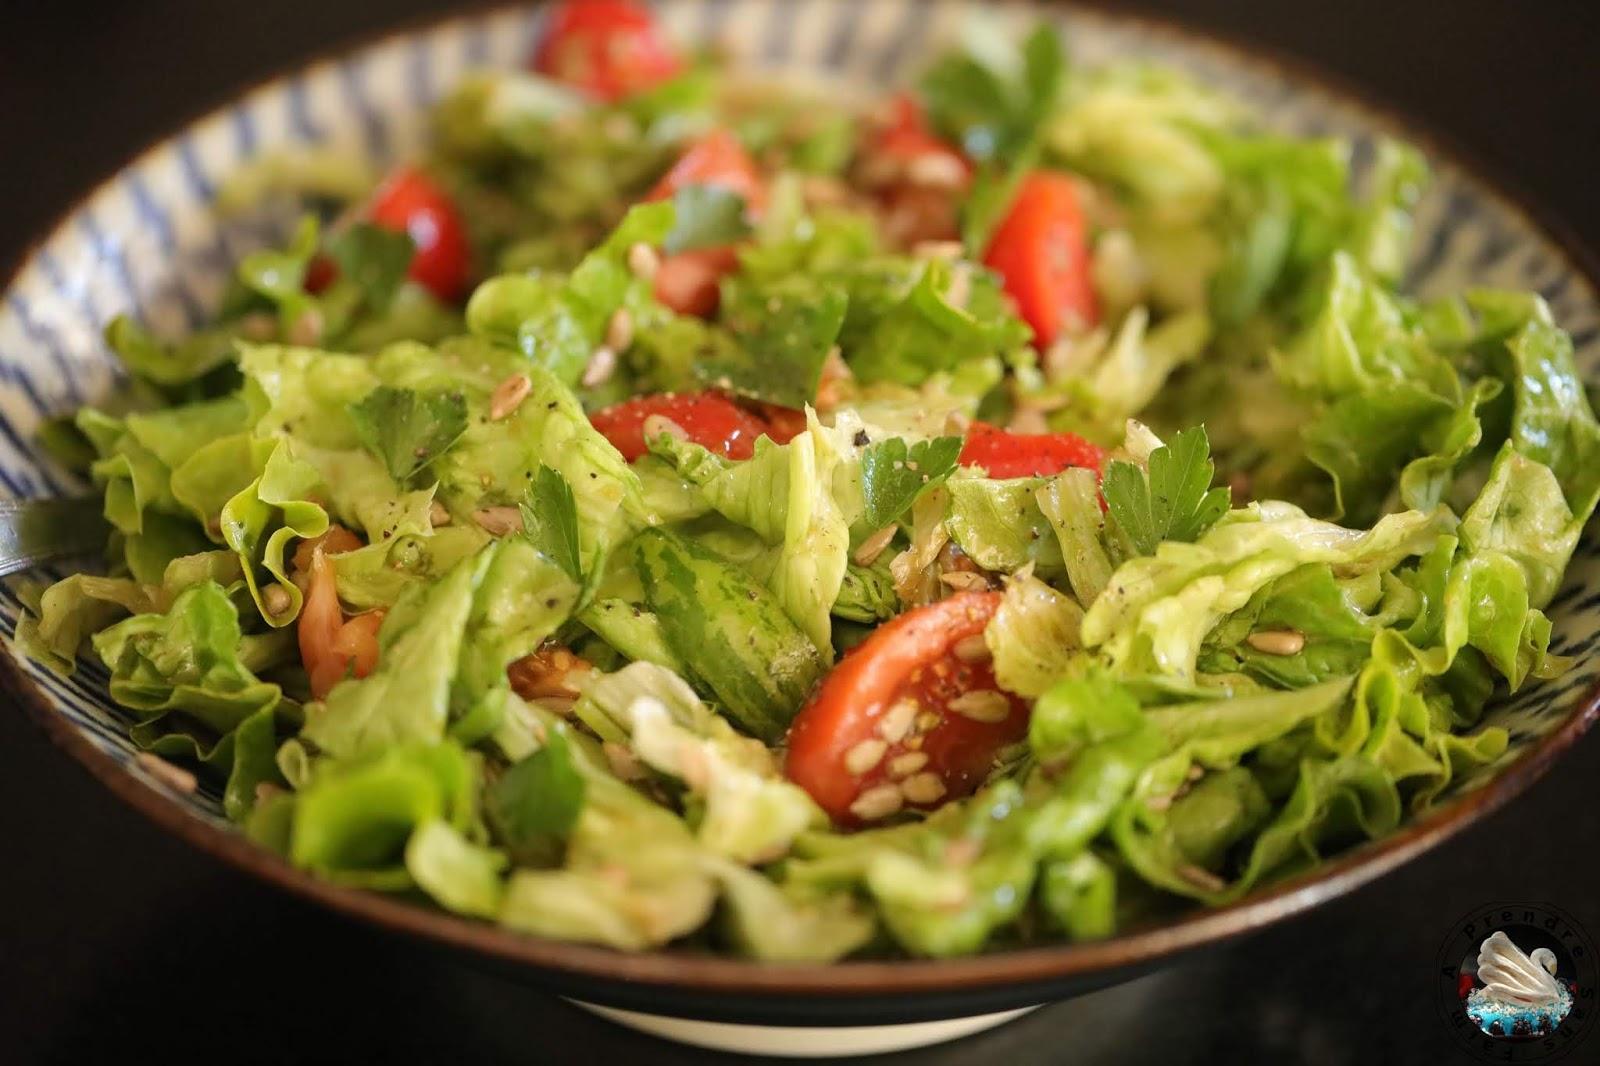 Salade de laitue aux tomates et graines de tournesol